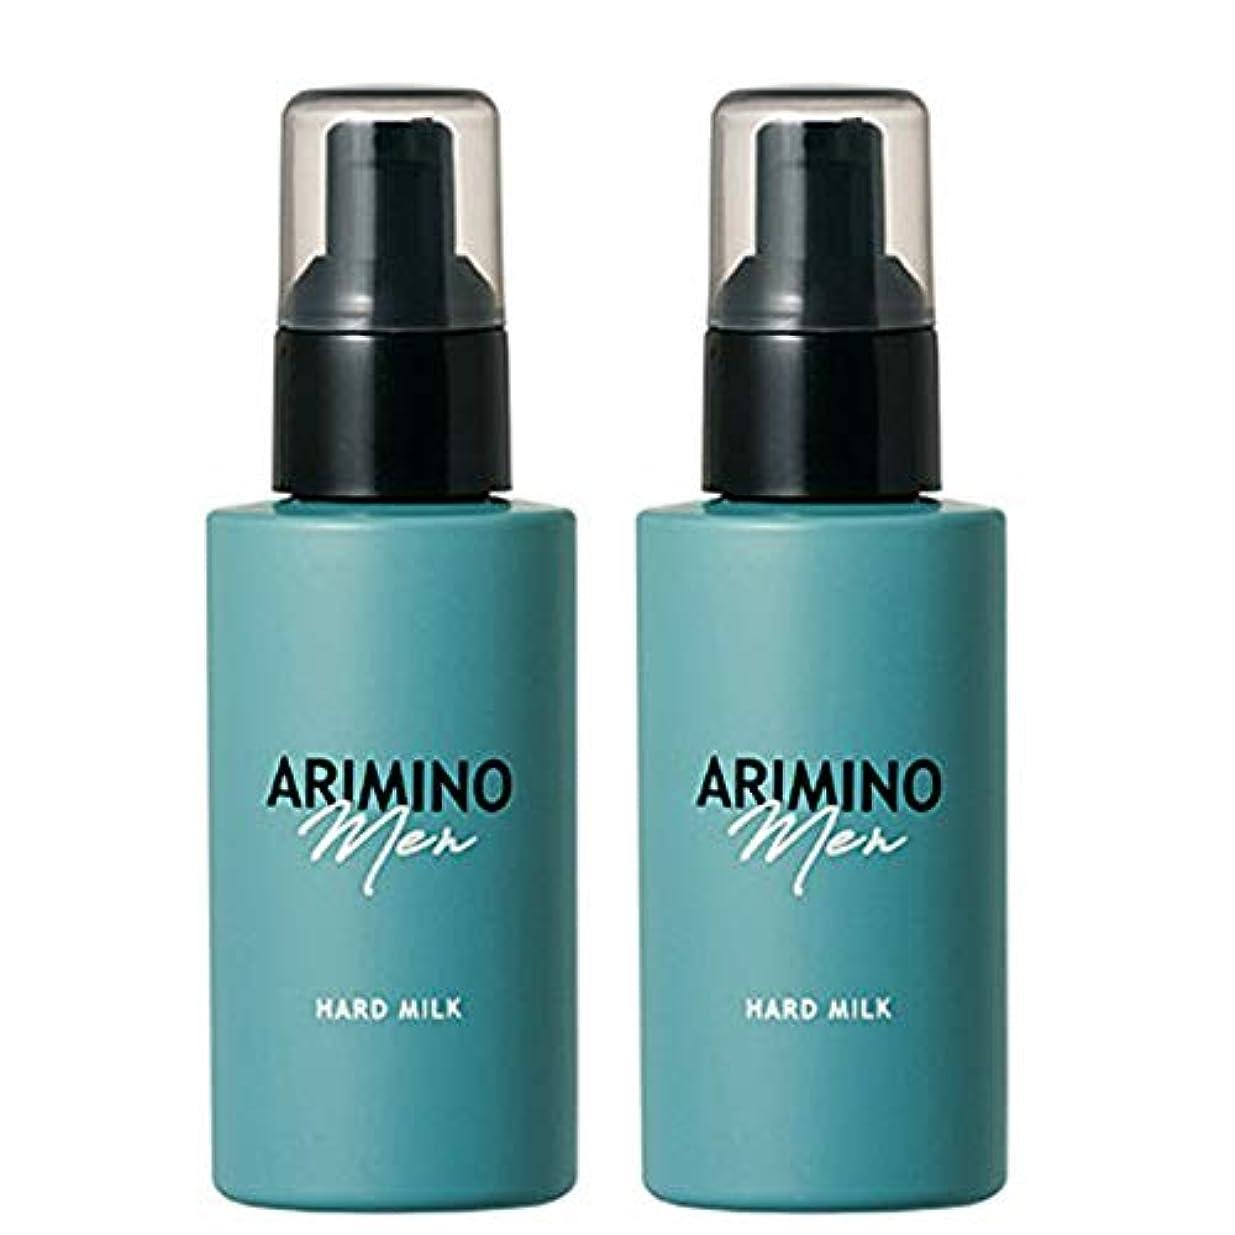 ナプキン運河起業家アリミノ メン ハード ミルク 100g ×2個 セット arimino men